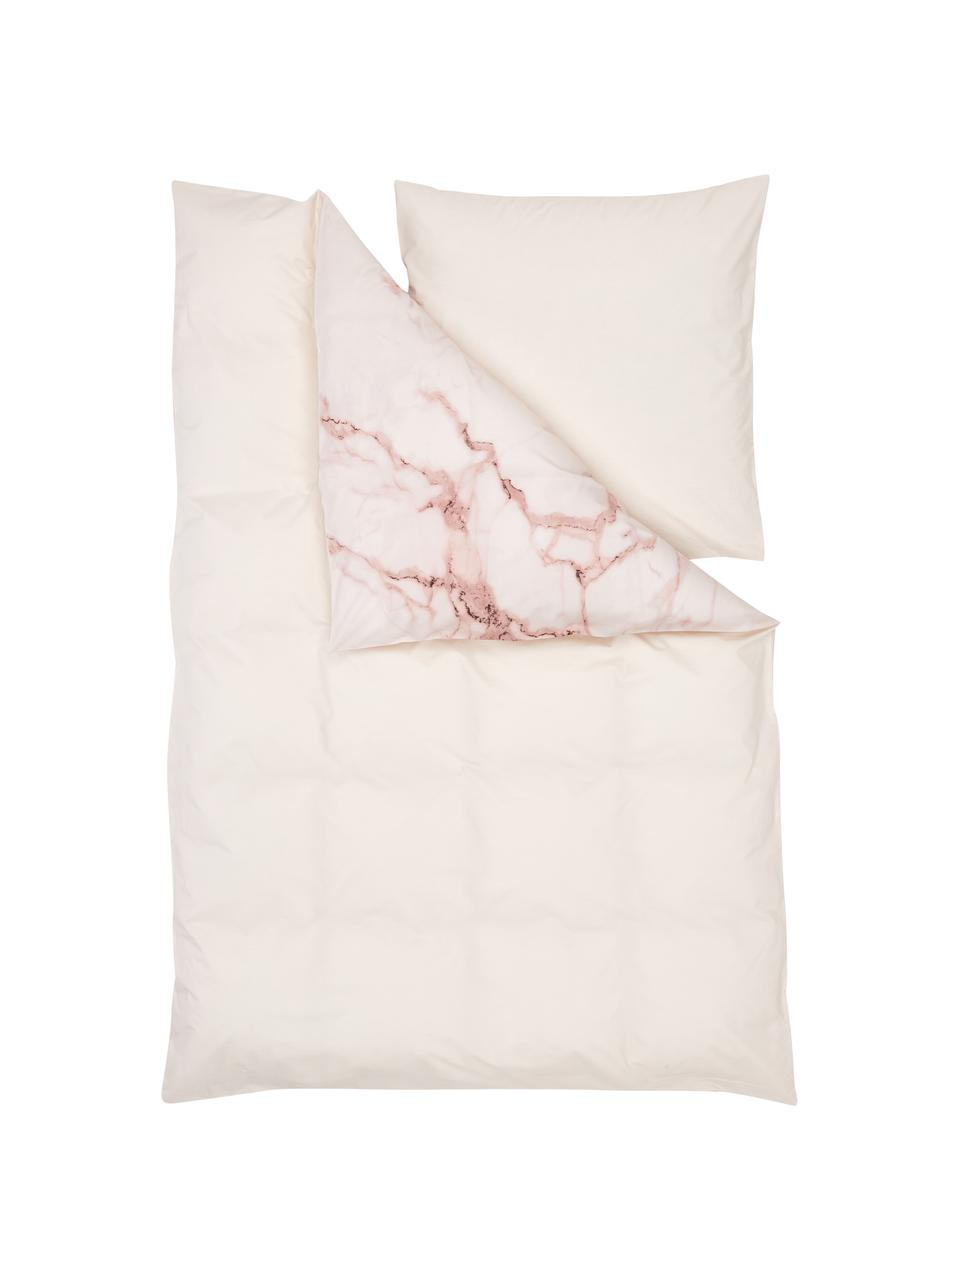 Pościel z perkalu Malin, Wzór marmurowy, różowy, 135 x 200 cm + 1 poduszka 80 x 80 cm